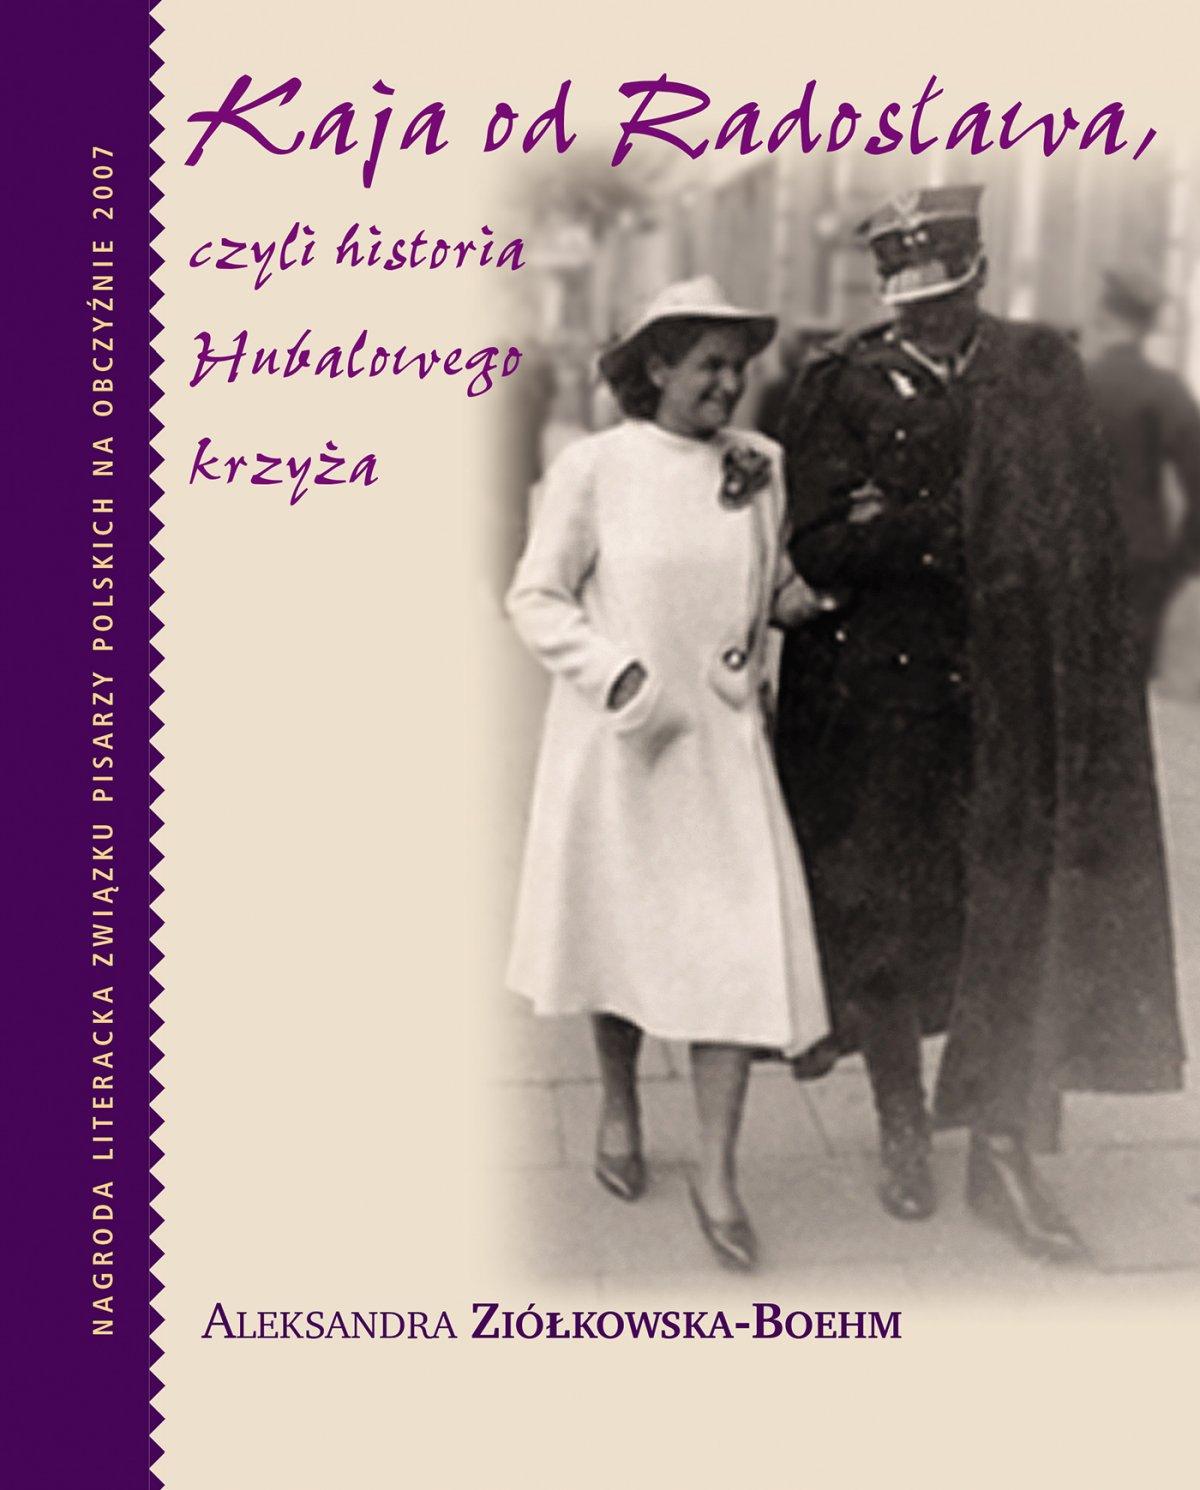 Kaja od Radosława - Ebook (Książka EPUB) do pobrania w formacie EPUB